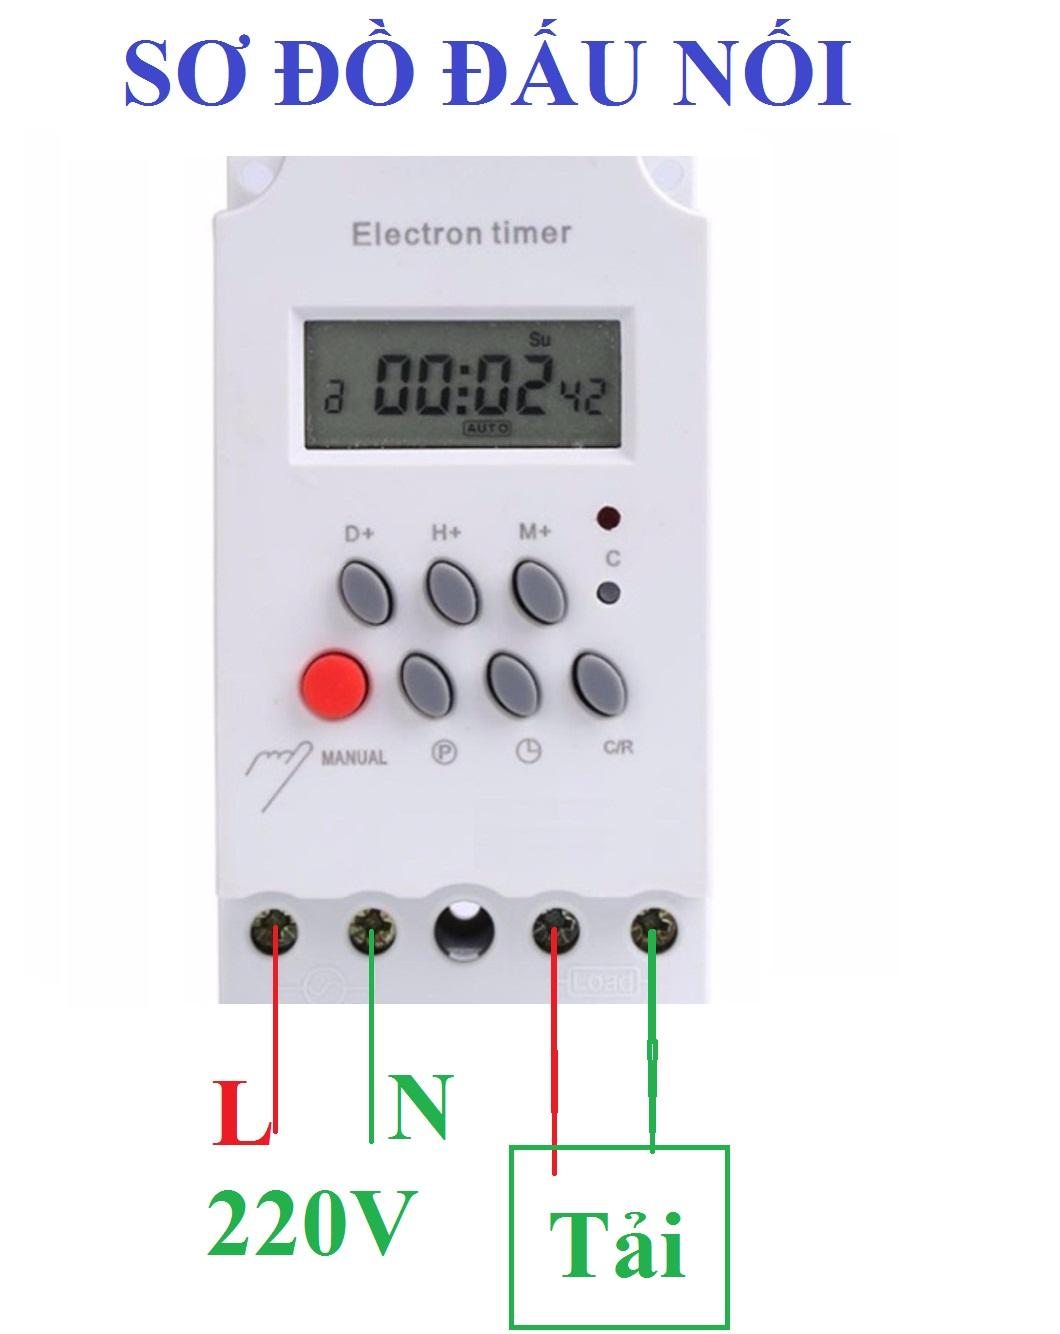 Công tắc hẹn giờ kg316t-ii 17 chương trình bật tắt tự động công suất lớn  25A/220V ổ cắm hẹn giờ timer hẹn giờ điện tử | Hương Bảo